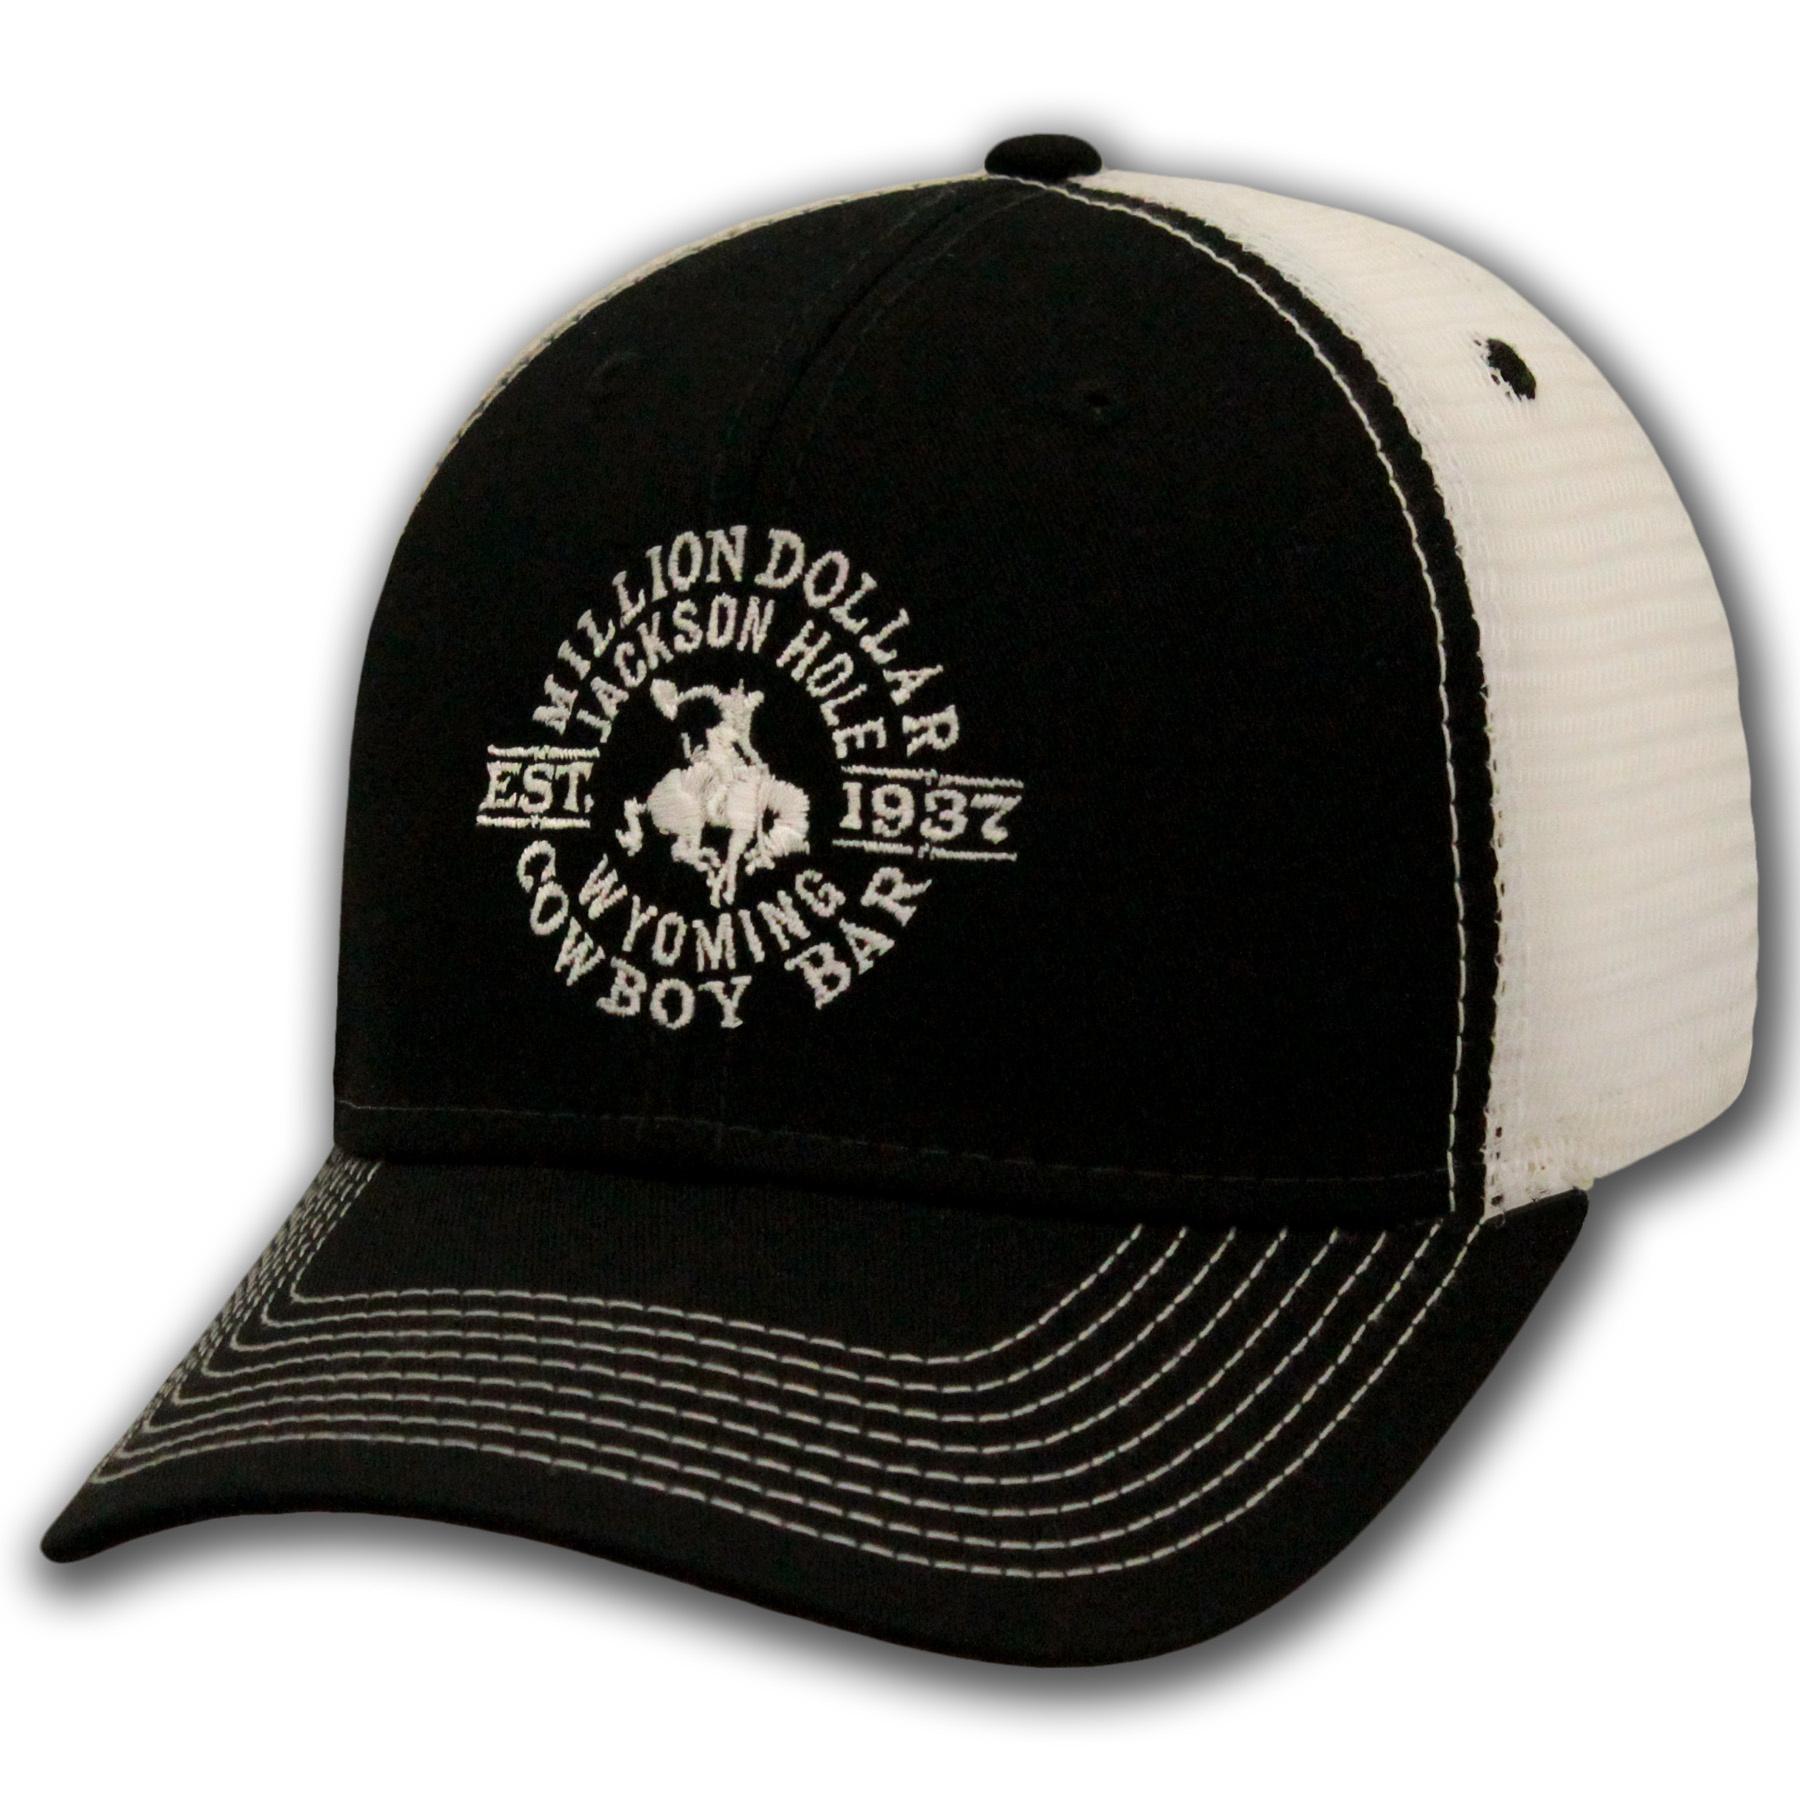 BL Black & White Mesh Cap Snapback